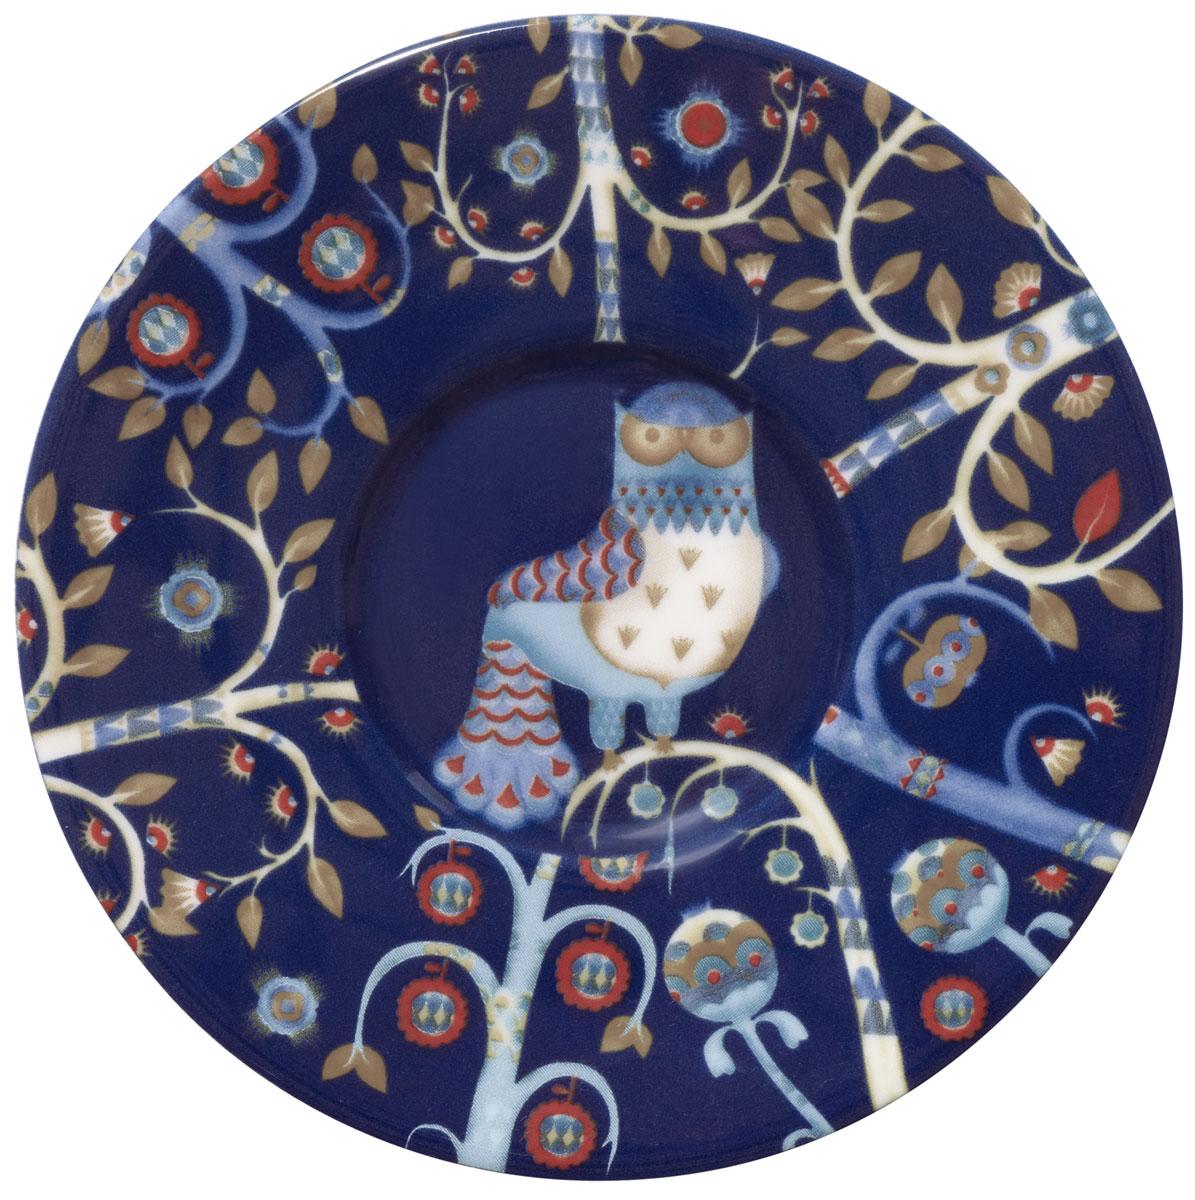 Блюдце Iittala Taika, для кофейной чашки, цвет: синий, диаметр 11 см1012448Блюдце для кофейной чашки Iittala Taika выполнено из качественного жароустойчивого прочного фарфора с долговечным стекловидным эмалевым покрытием. Можно мыть в посудомоечной машине.Диаметр: 11 см.